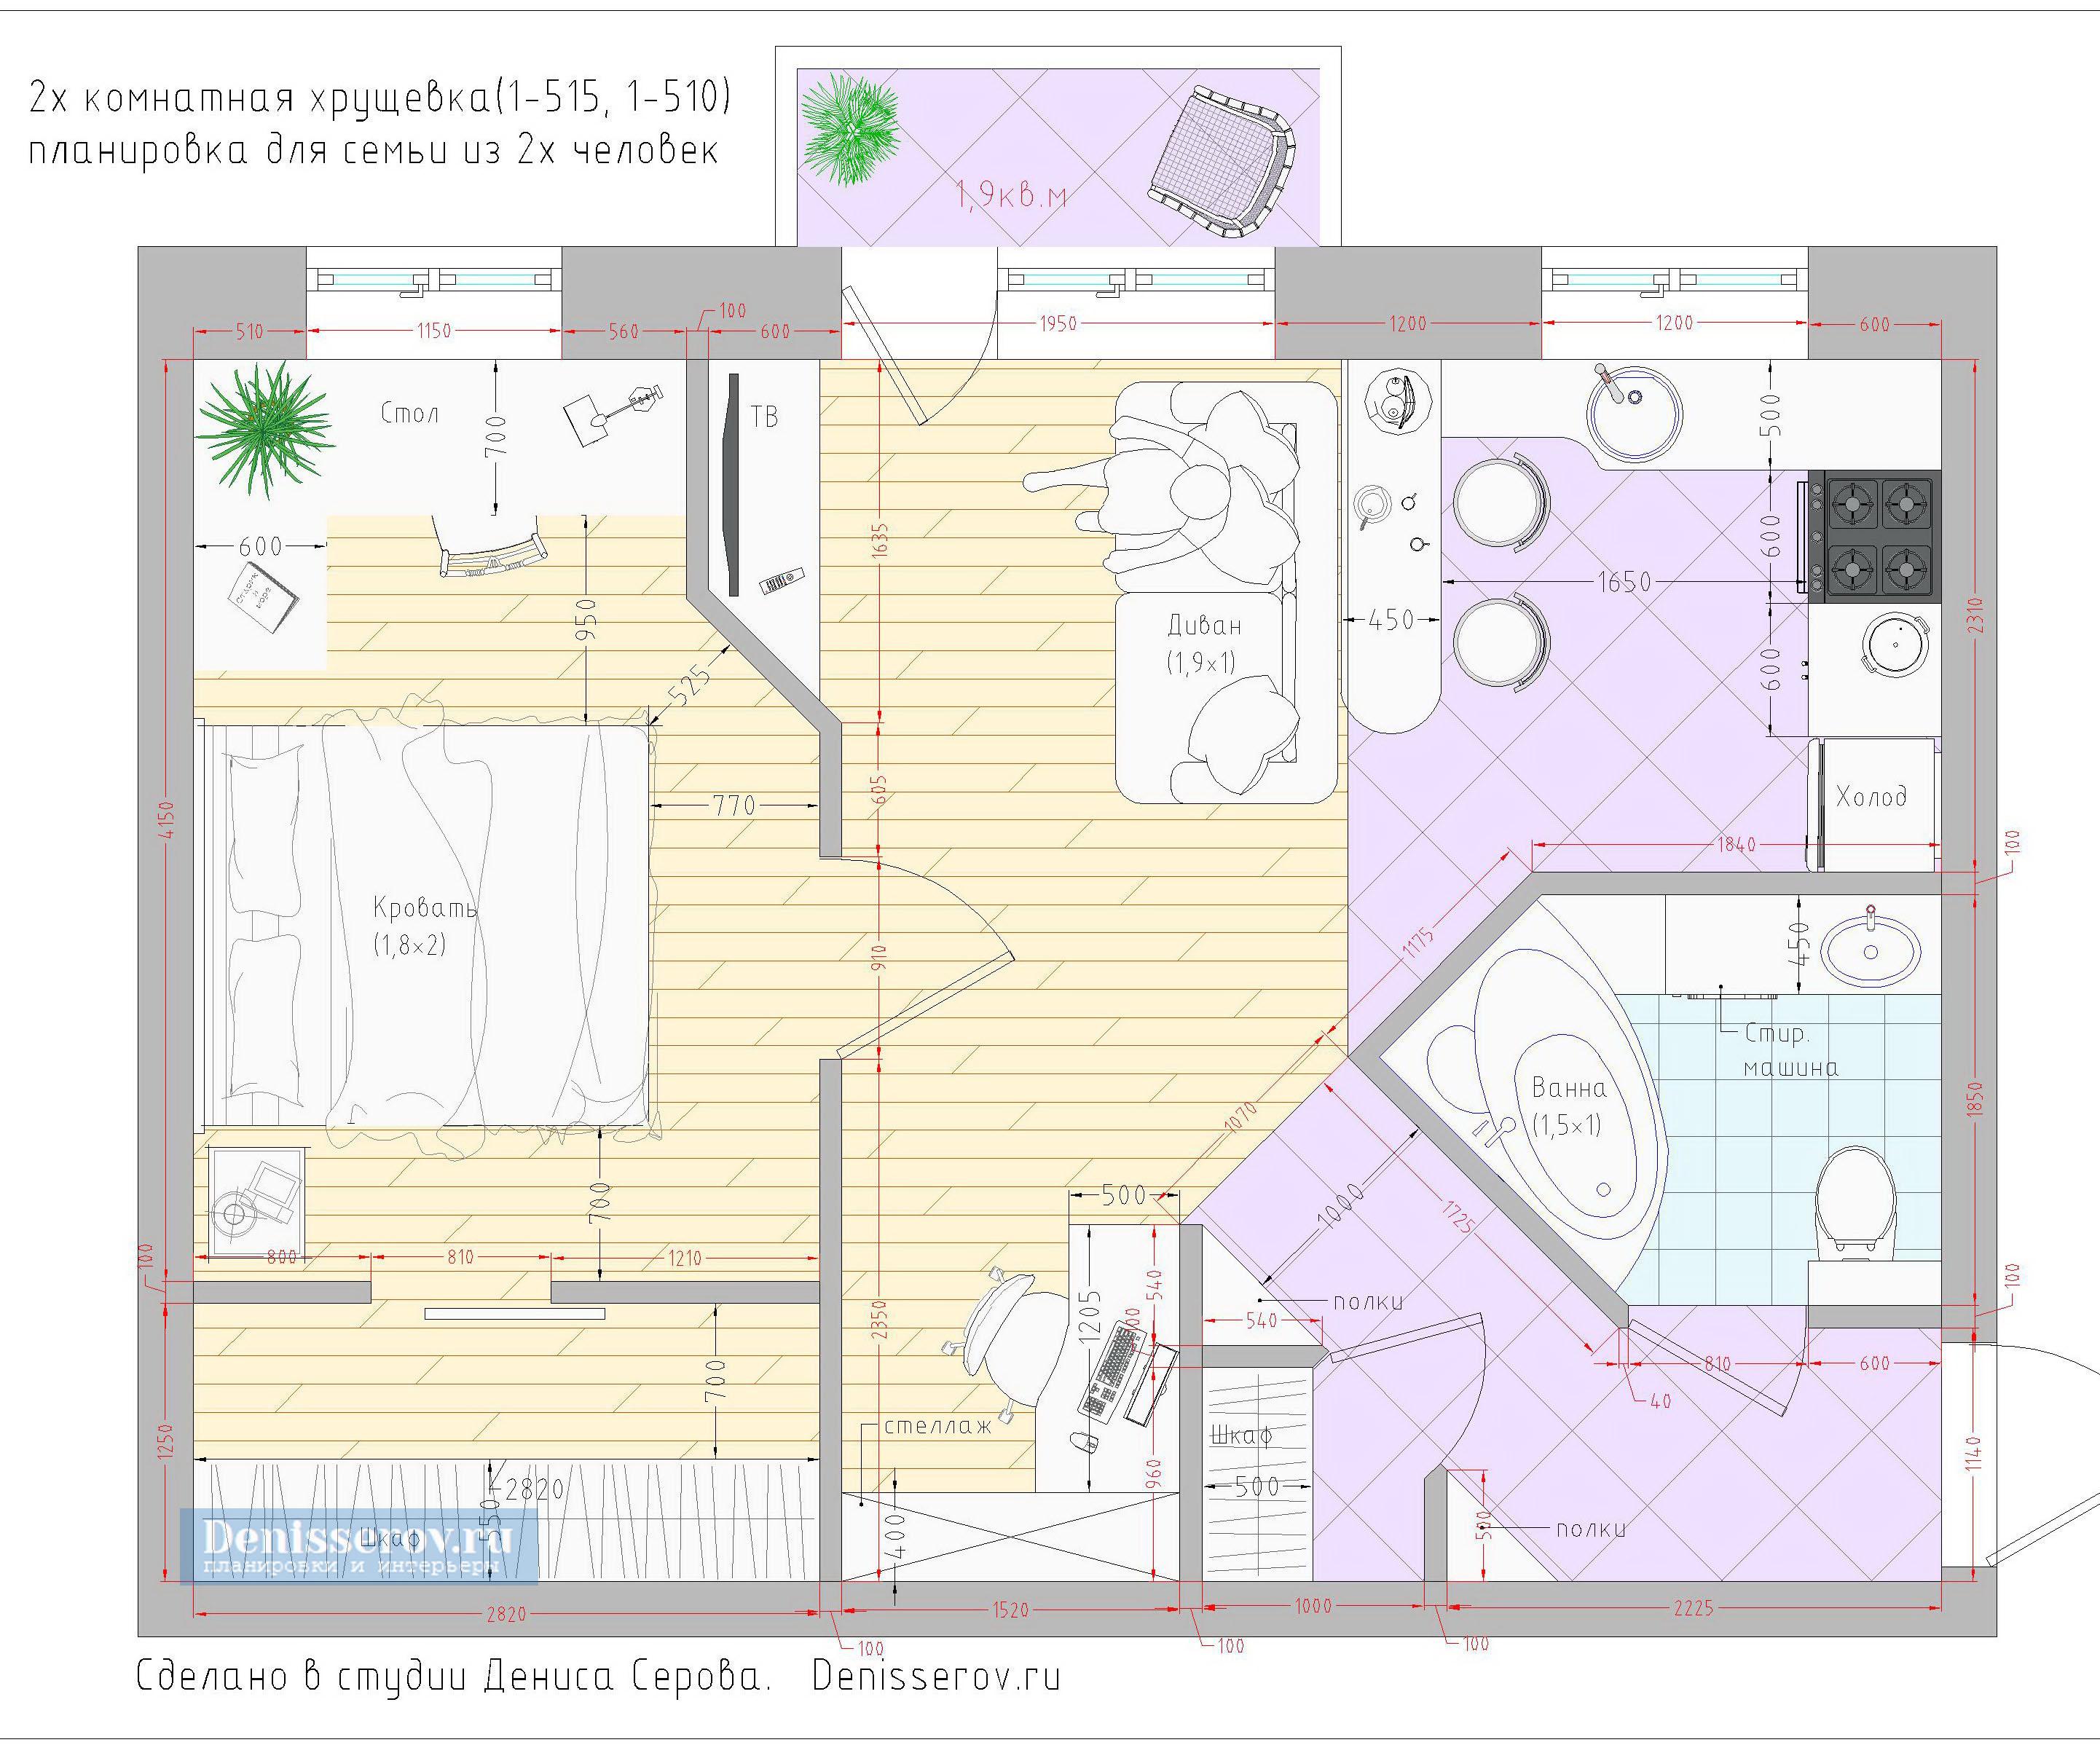 Дизайн сталинских квартир: двушка в классическом стиле